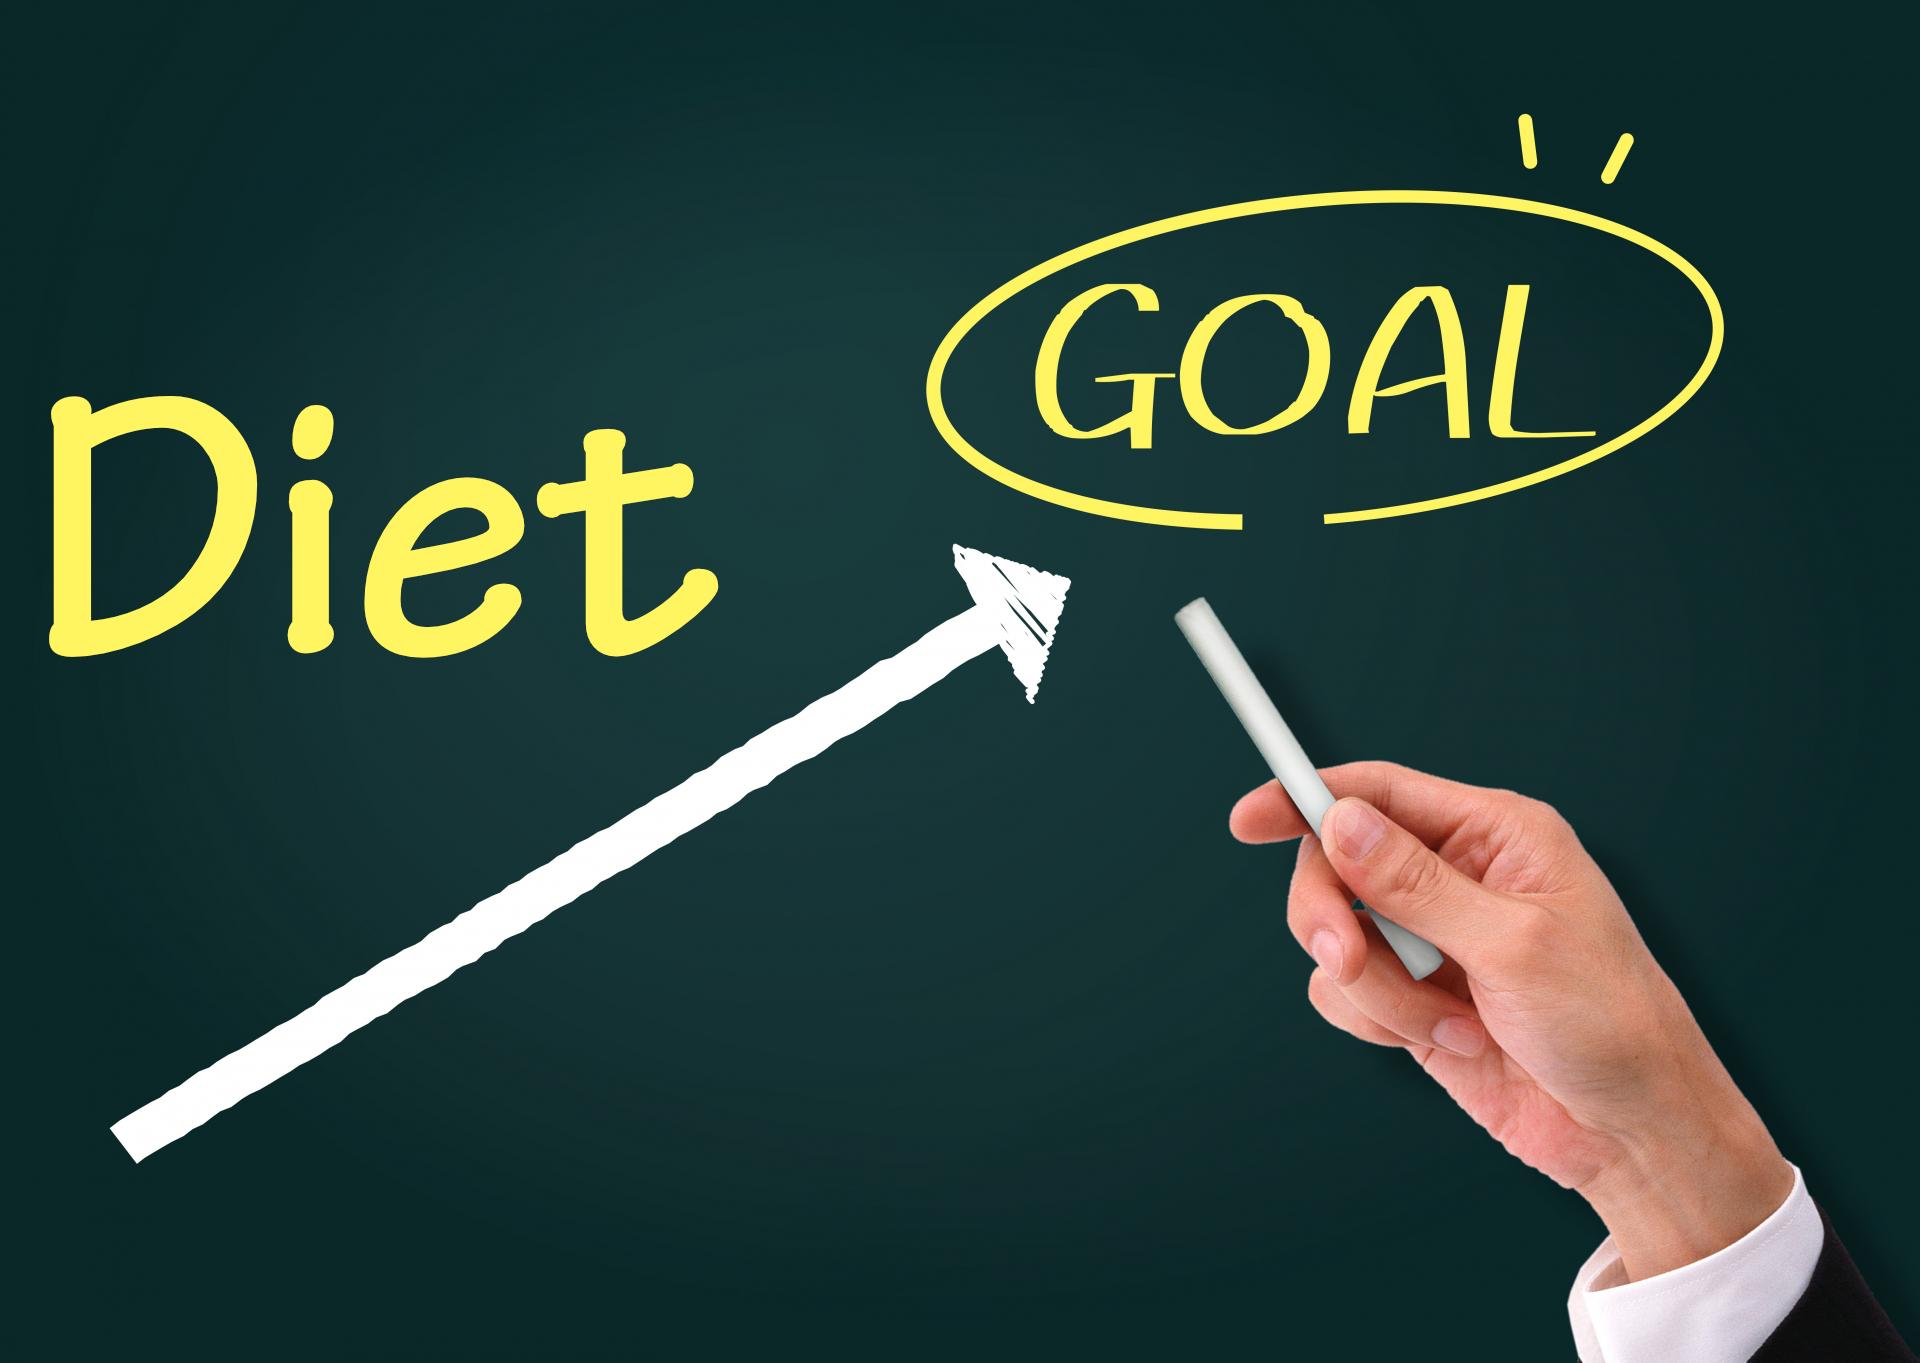 ここを間違うと失敗する!ダイエットの目的は痩せることではありません!